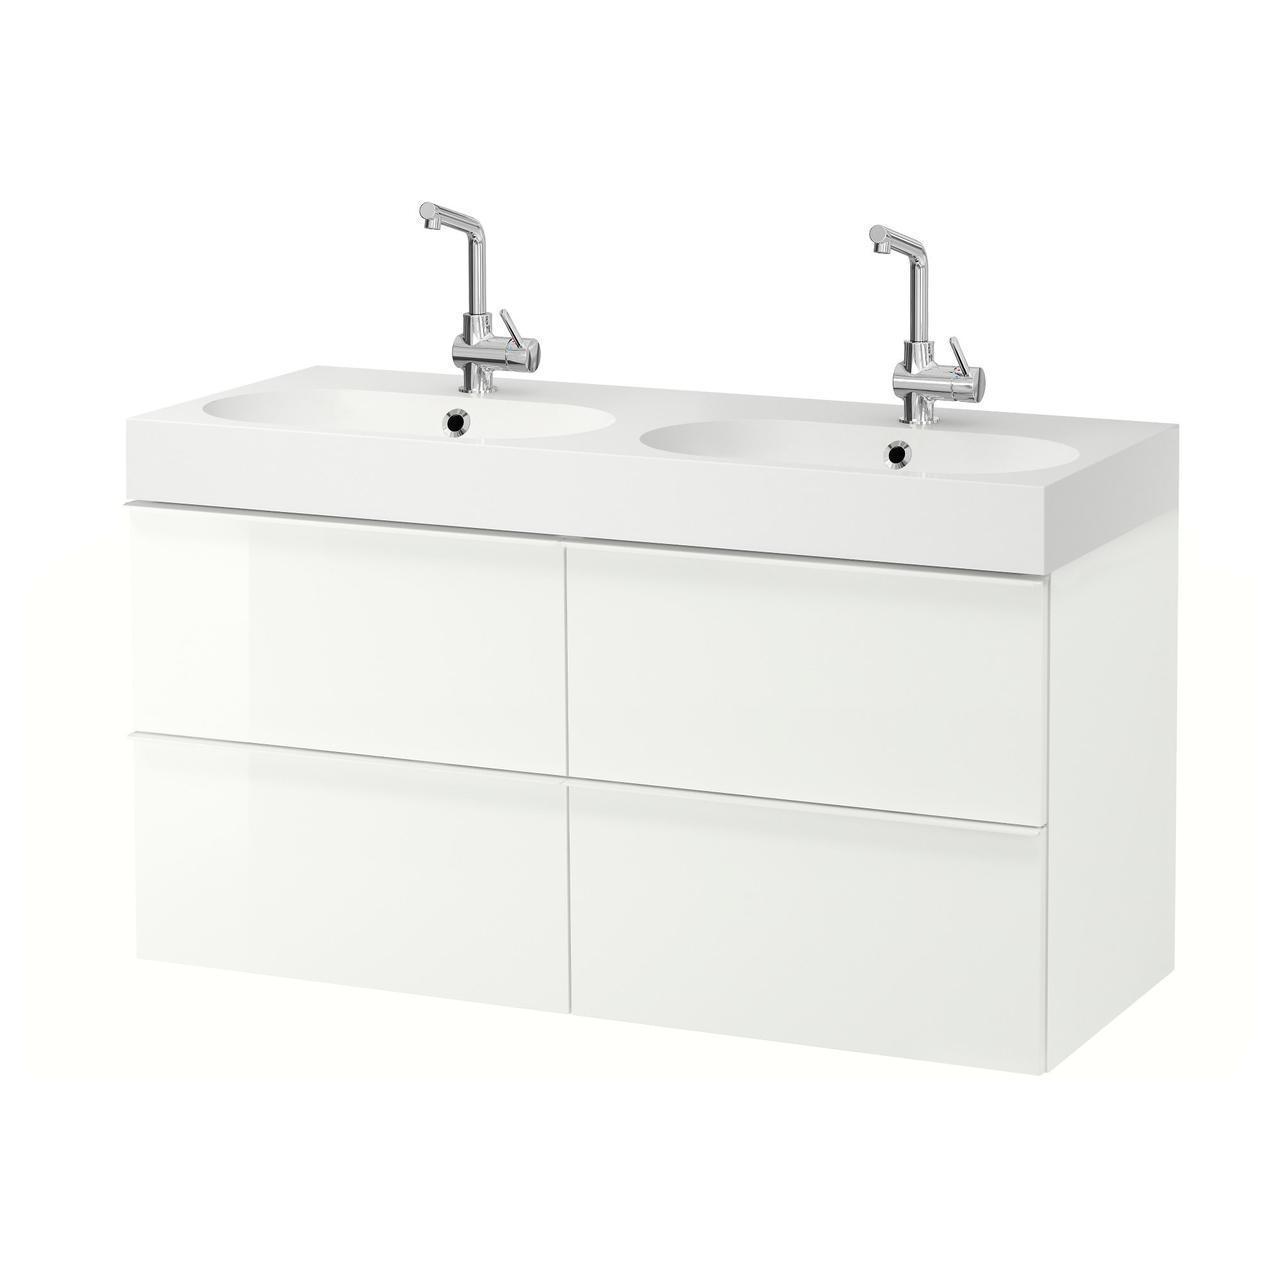 IKEA GODMORGON/BRAVIKEN Шкаф под умывальник с раковиной с 4 ящиками, глянцевый белый  (191.854.28)